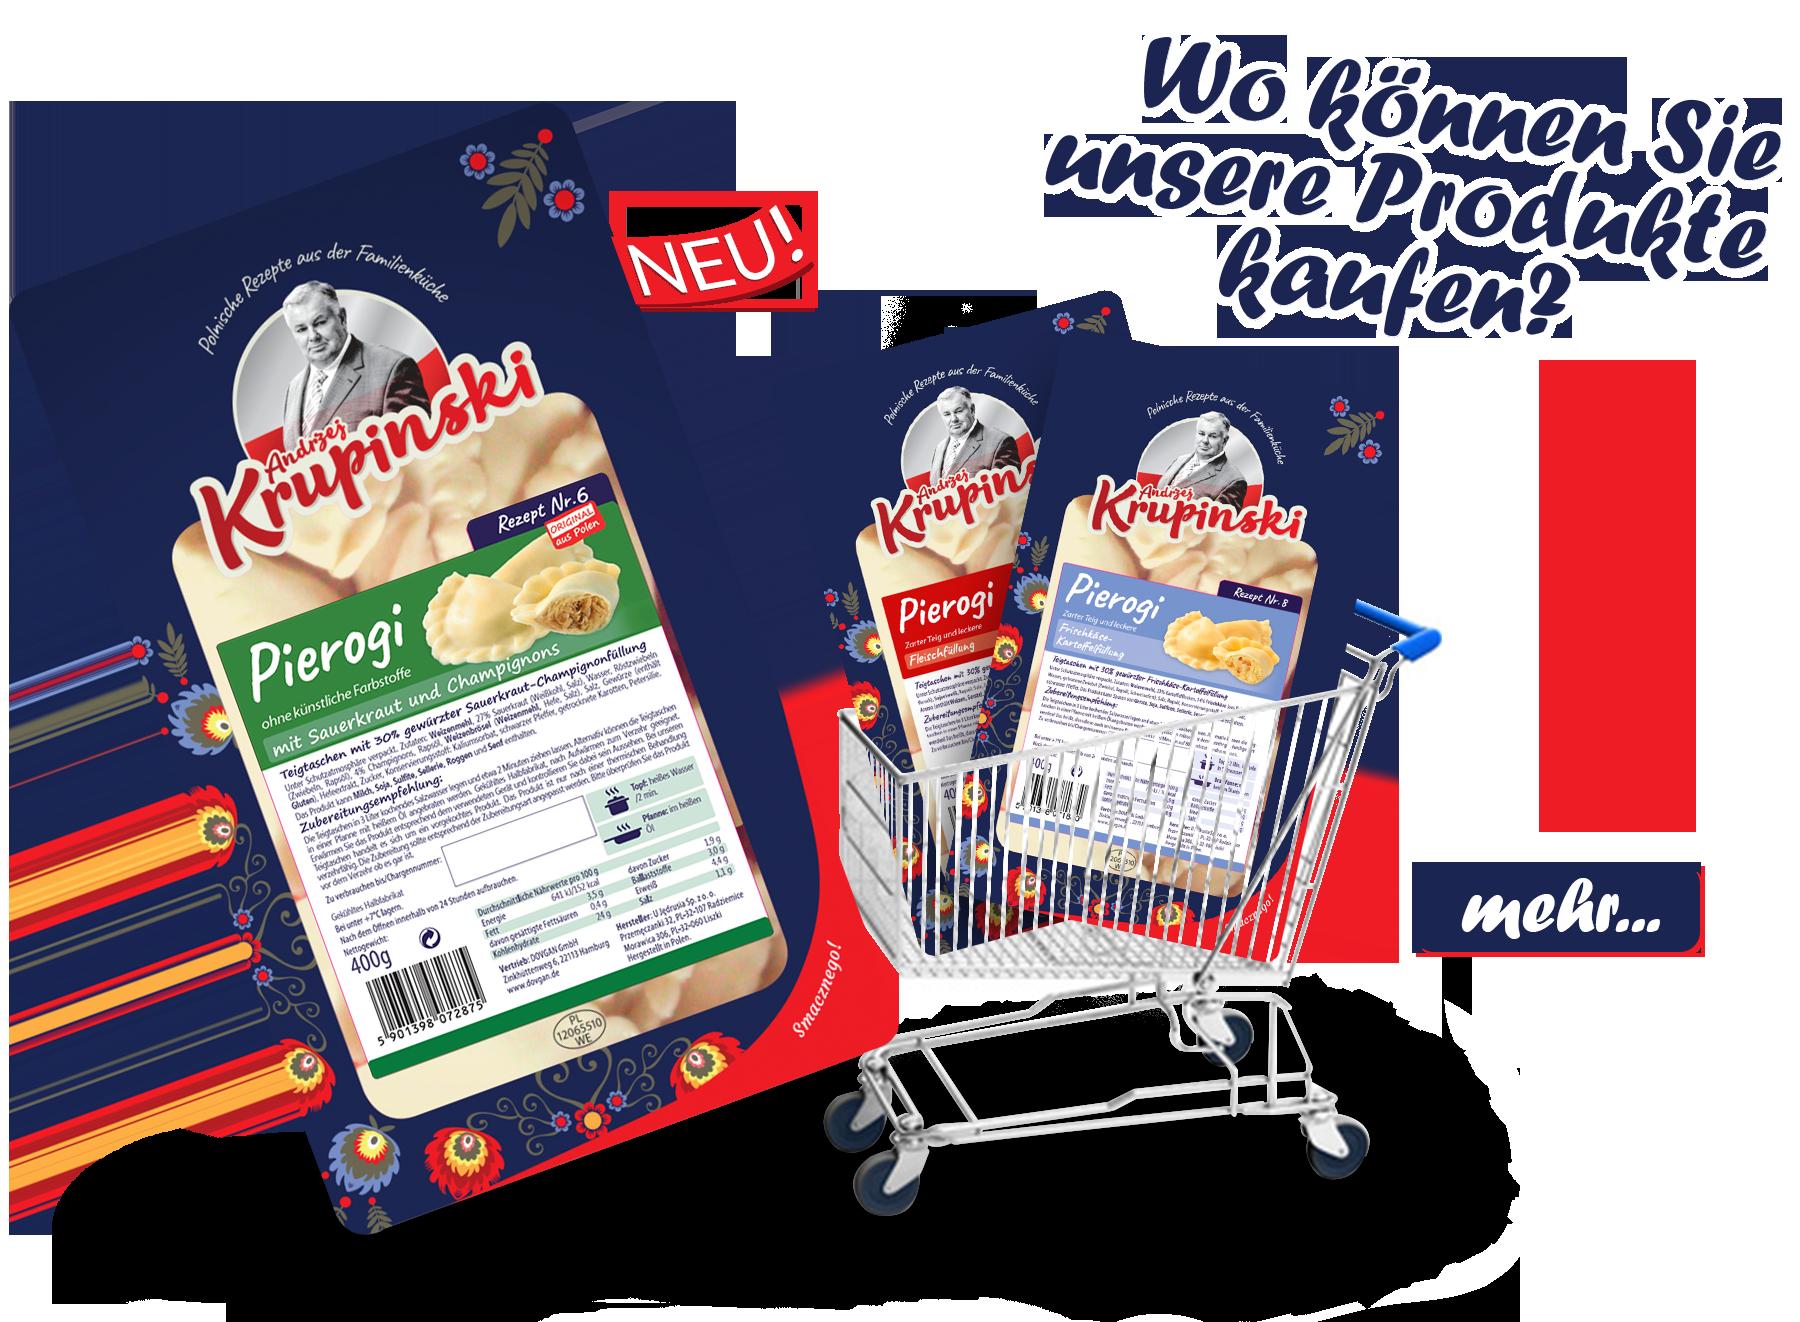 Piroggen - Krupinski